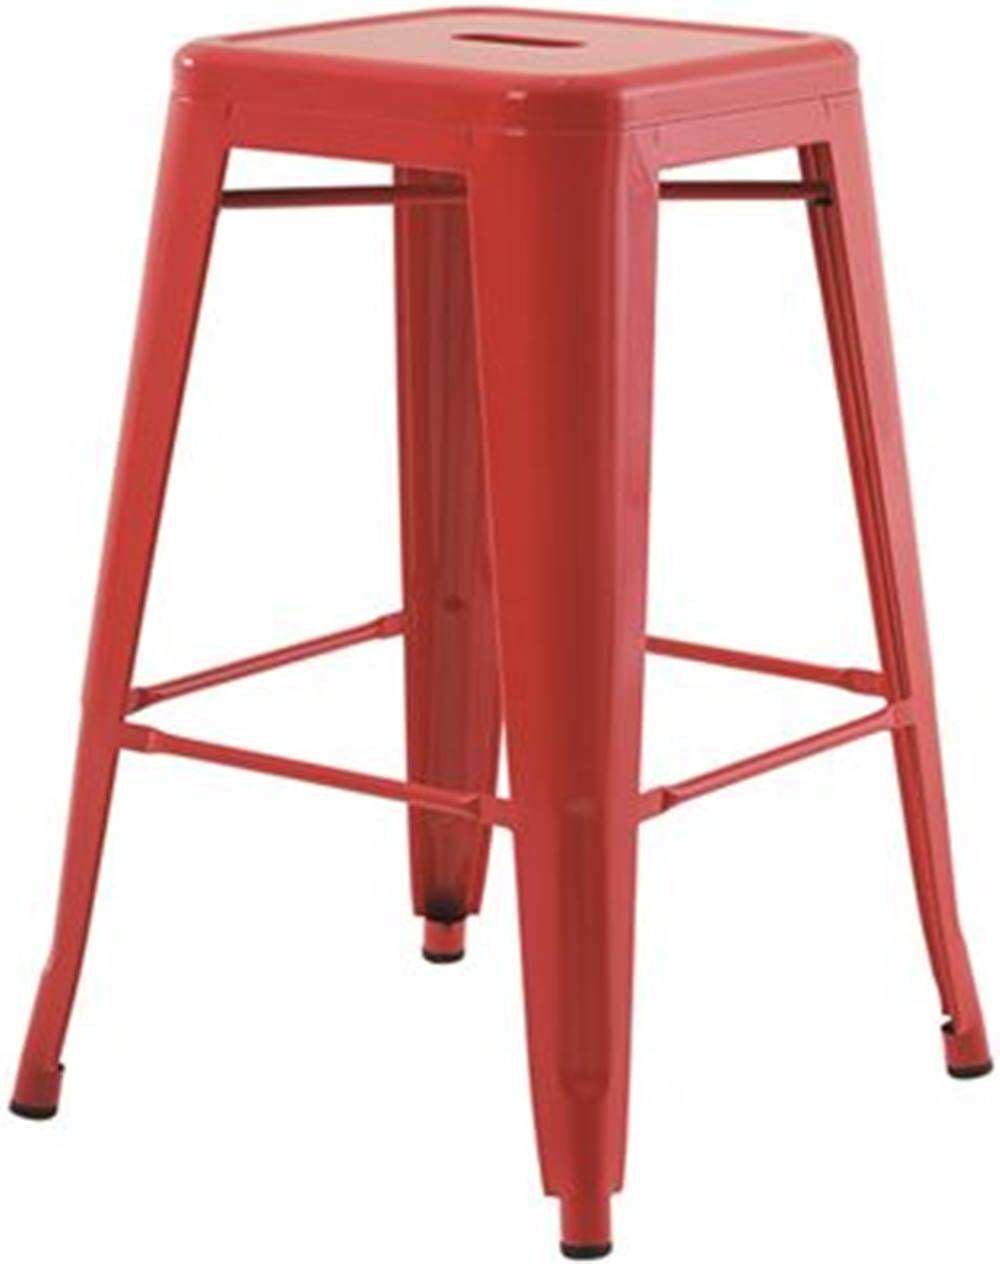 Banqueta Iron Medio  Vermelho 61 cm (ALT) - 43429